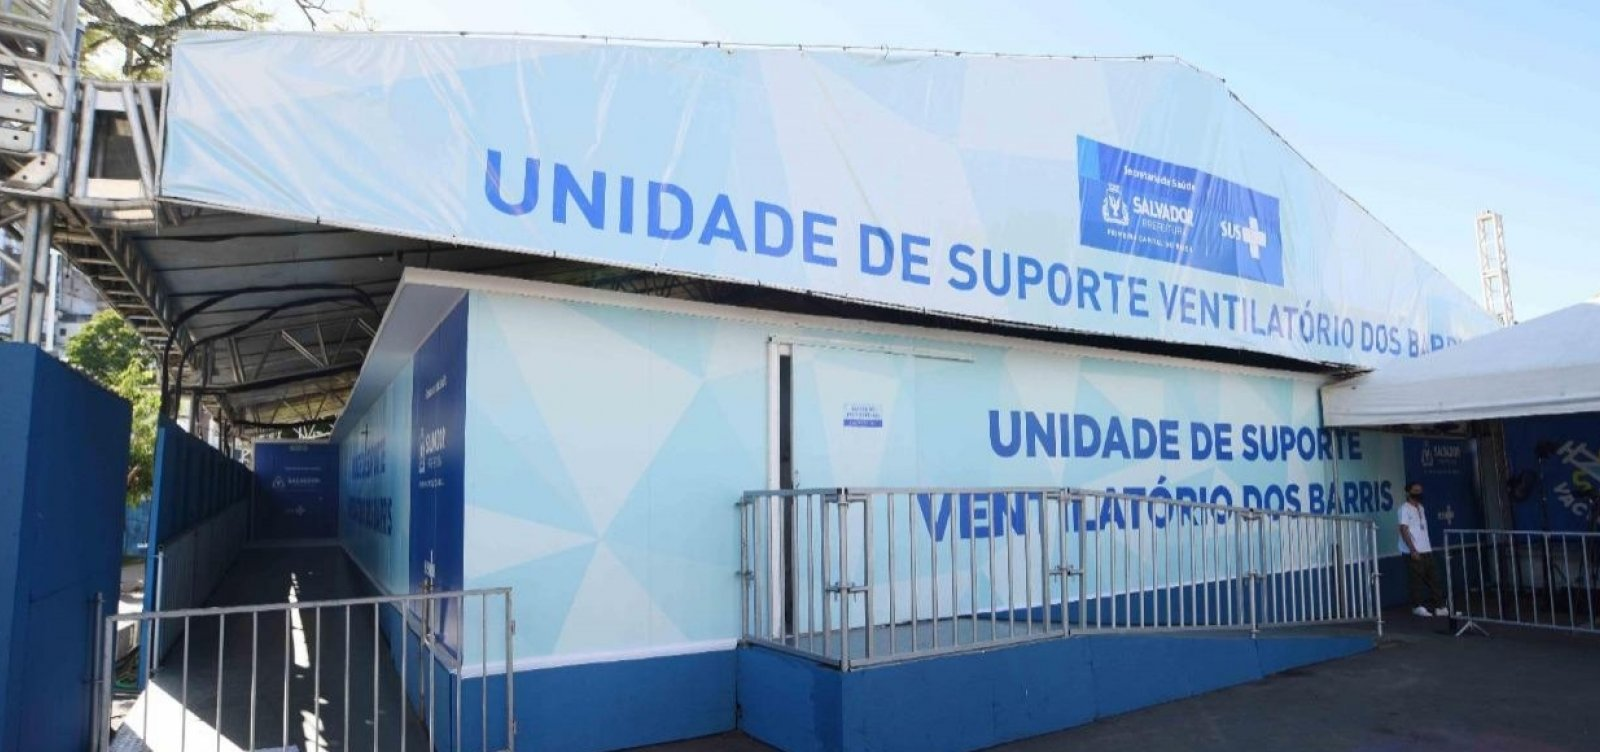 [Tendas de suporte ventilatório em Salvador auxiliam no tratamento de pacientes Covid-19 em estado grave]